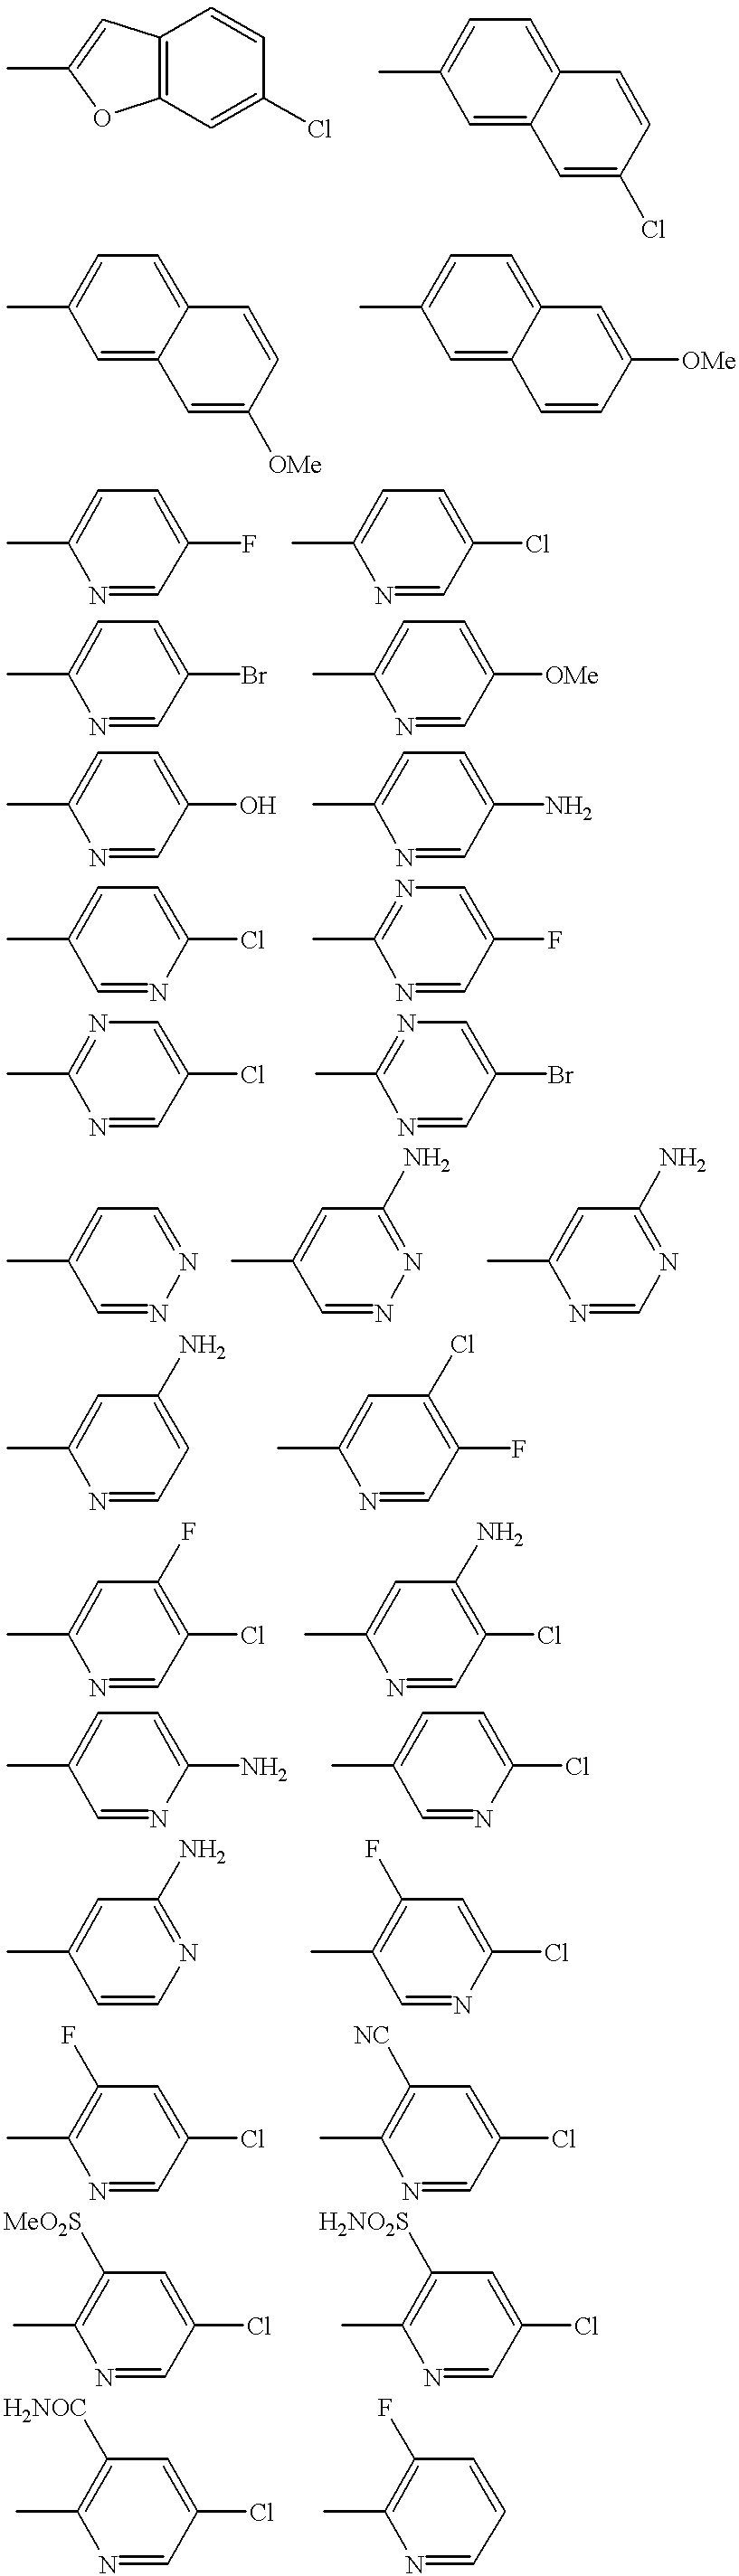 Figure US06376515-20020423-C00085